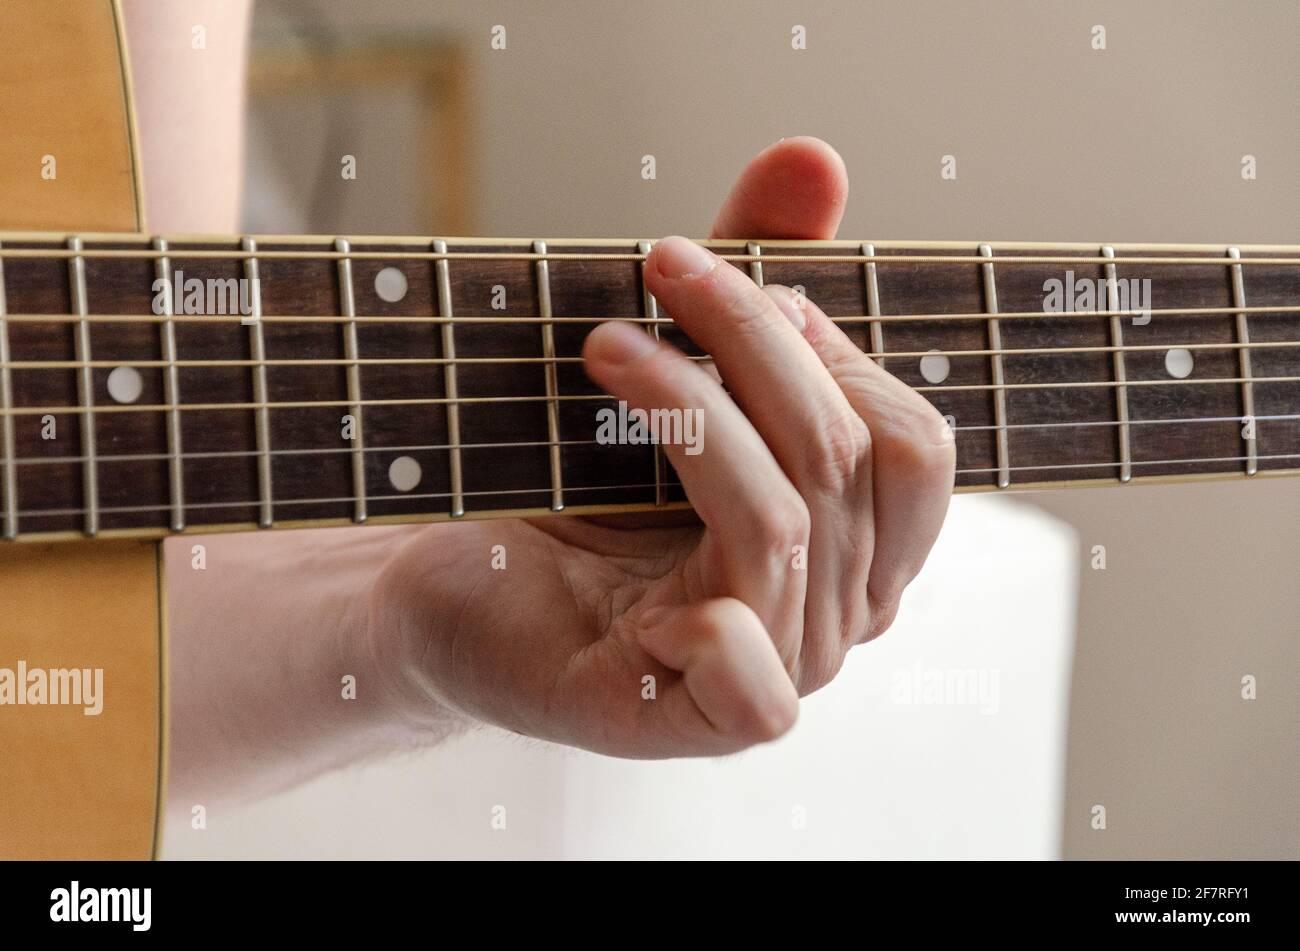 gros plan sur les doigts de sexe masculin jouant des cordes de guitare acoustique Banque D'Images